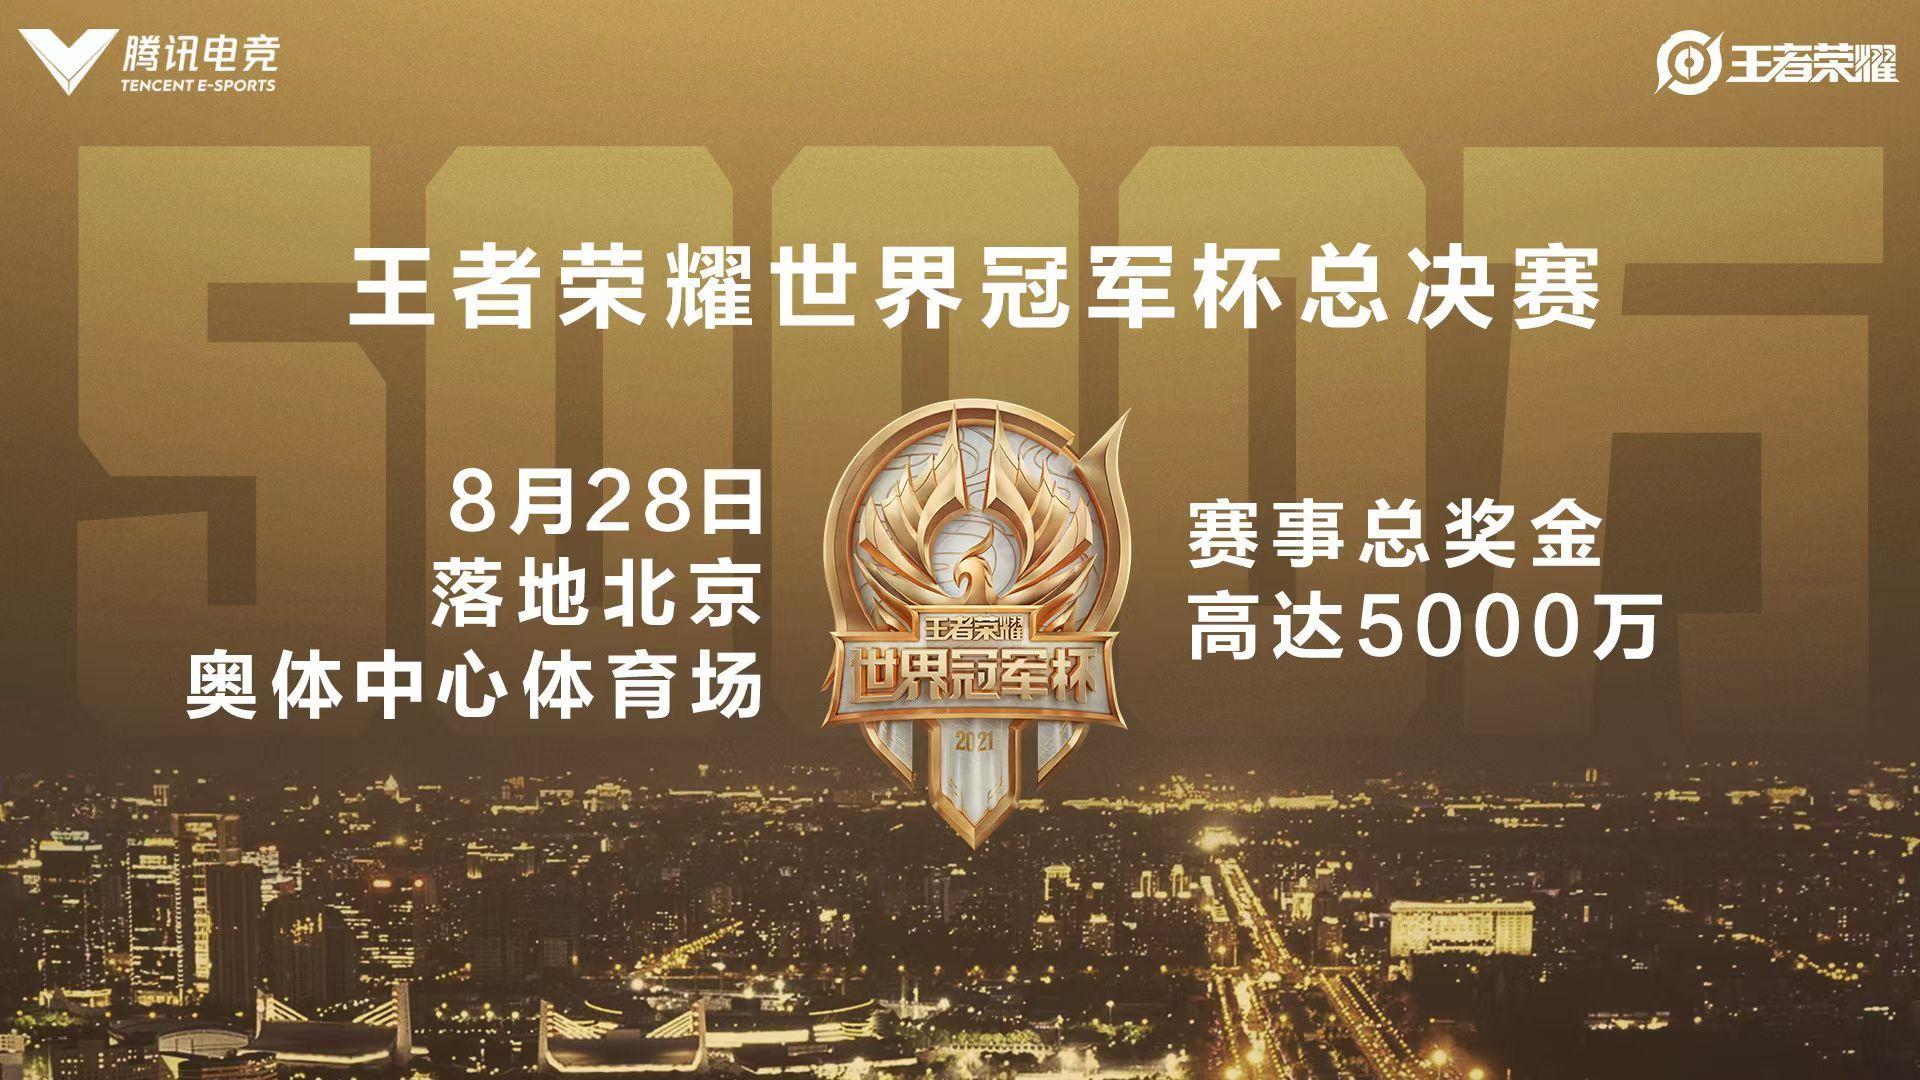 《【煜星h5登录】KPL已有13支战队获线上城市冠名, 世冠将6城巡赛》